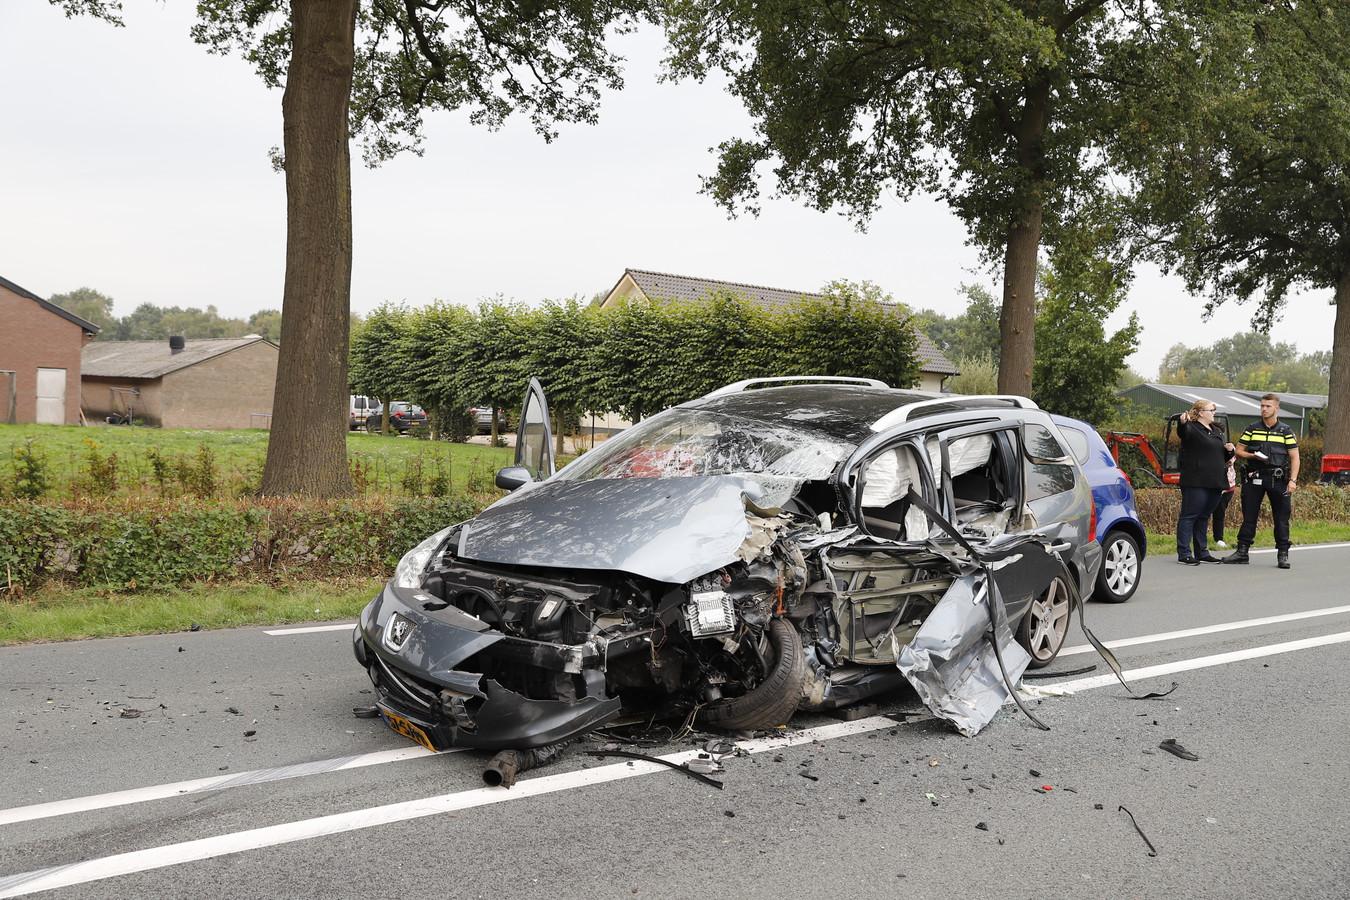 Grote schade aan een van de voertuigen door het ongeval.